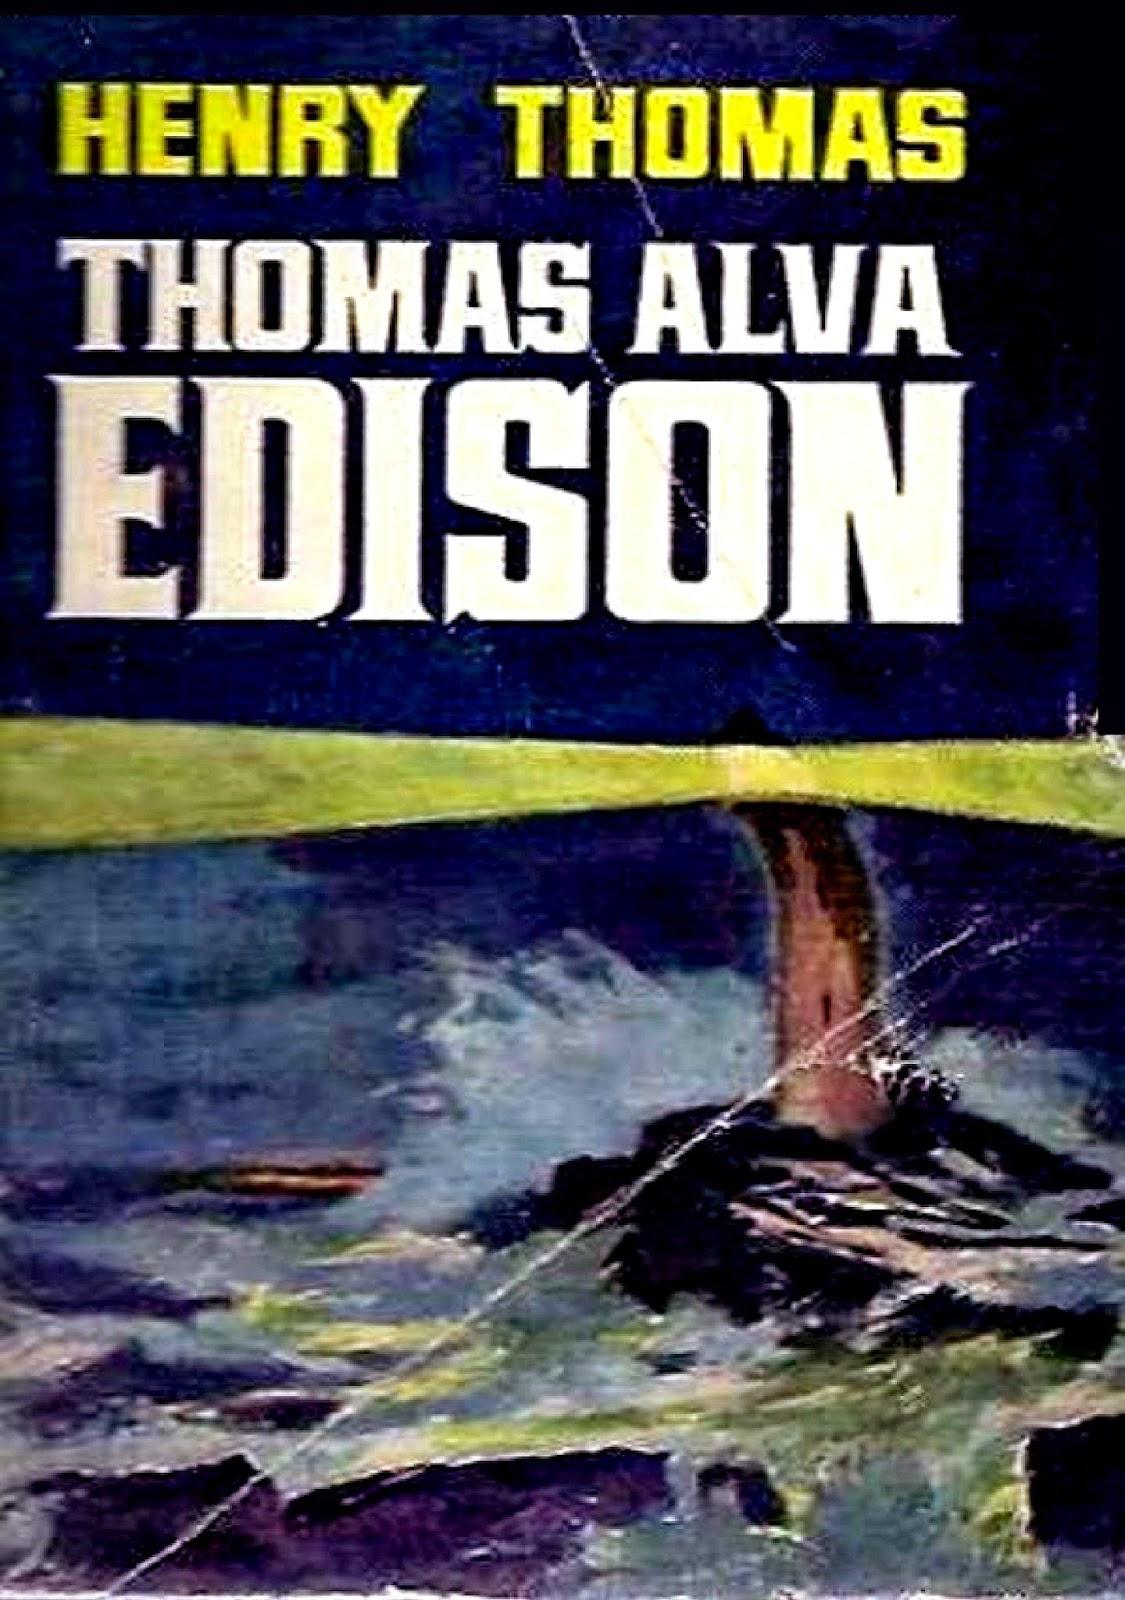 Biografía de Thomas Alva Edison – Henry Thomas